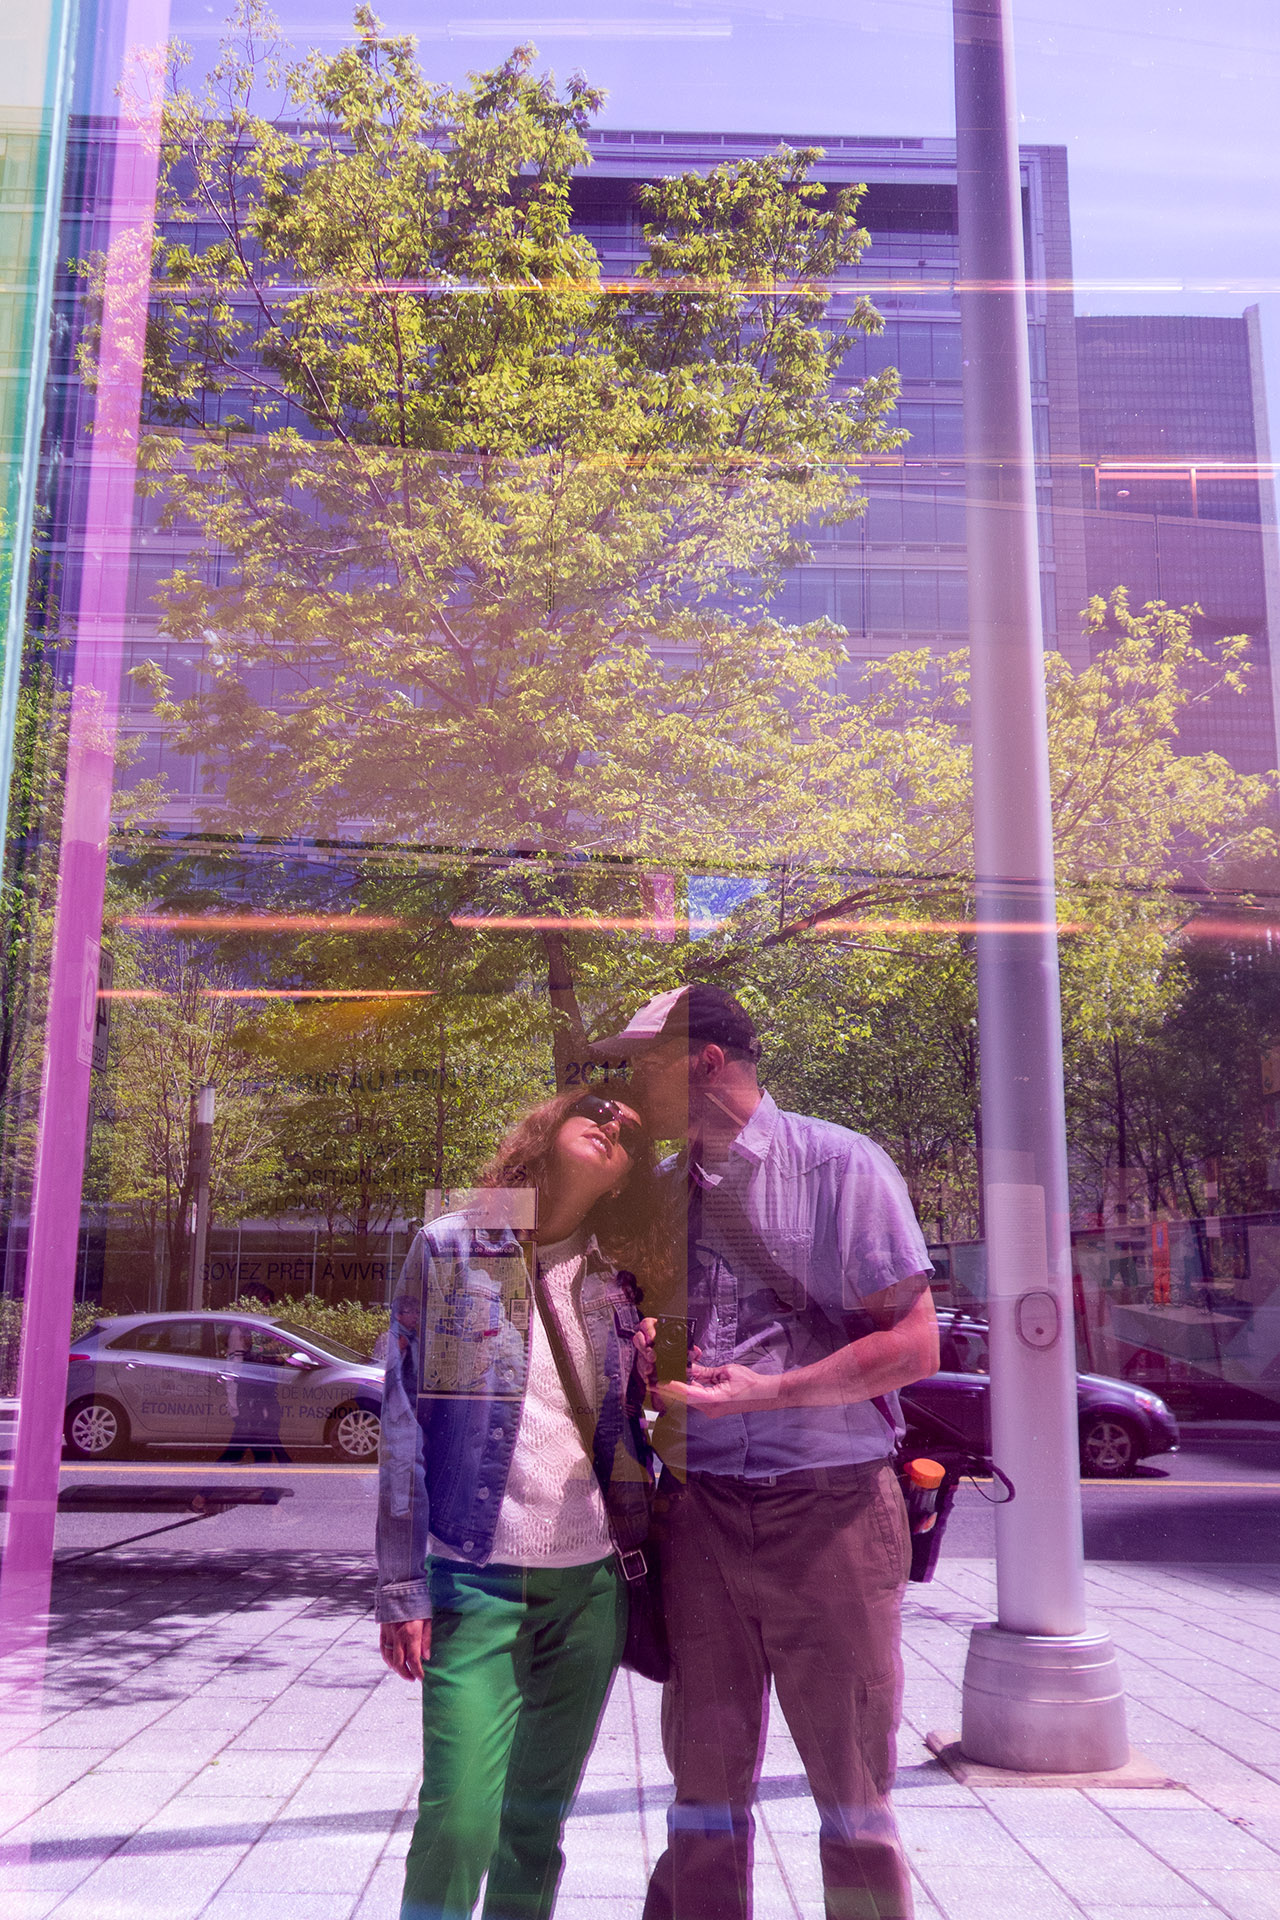 Us feeling the artsy vibe of the city.